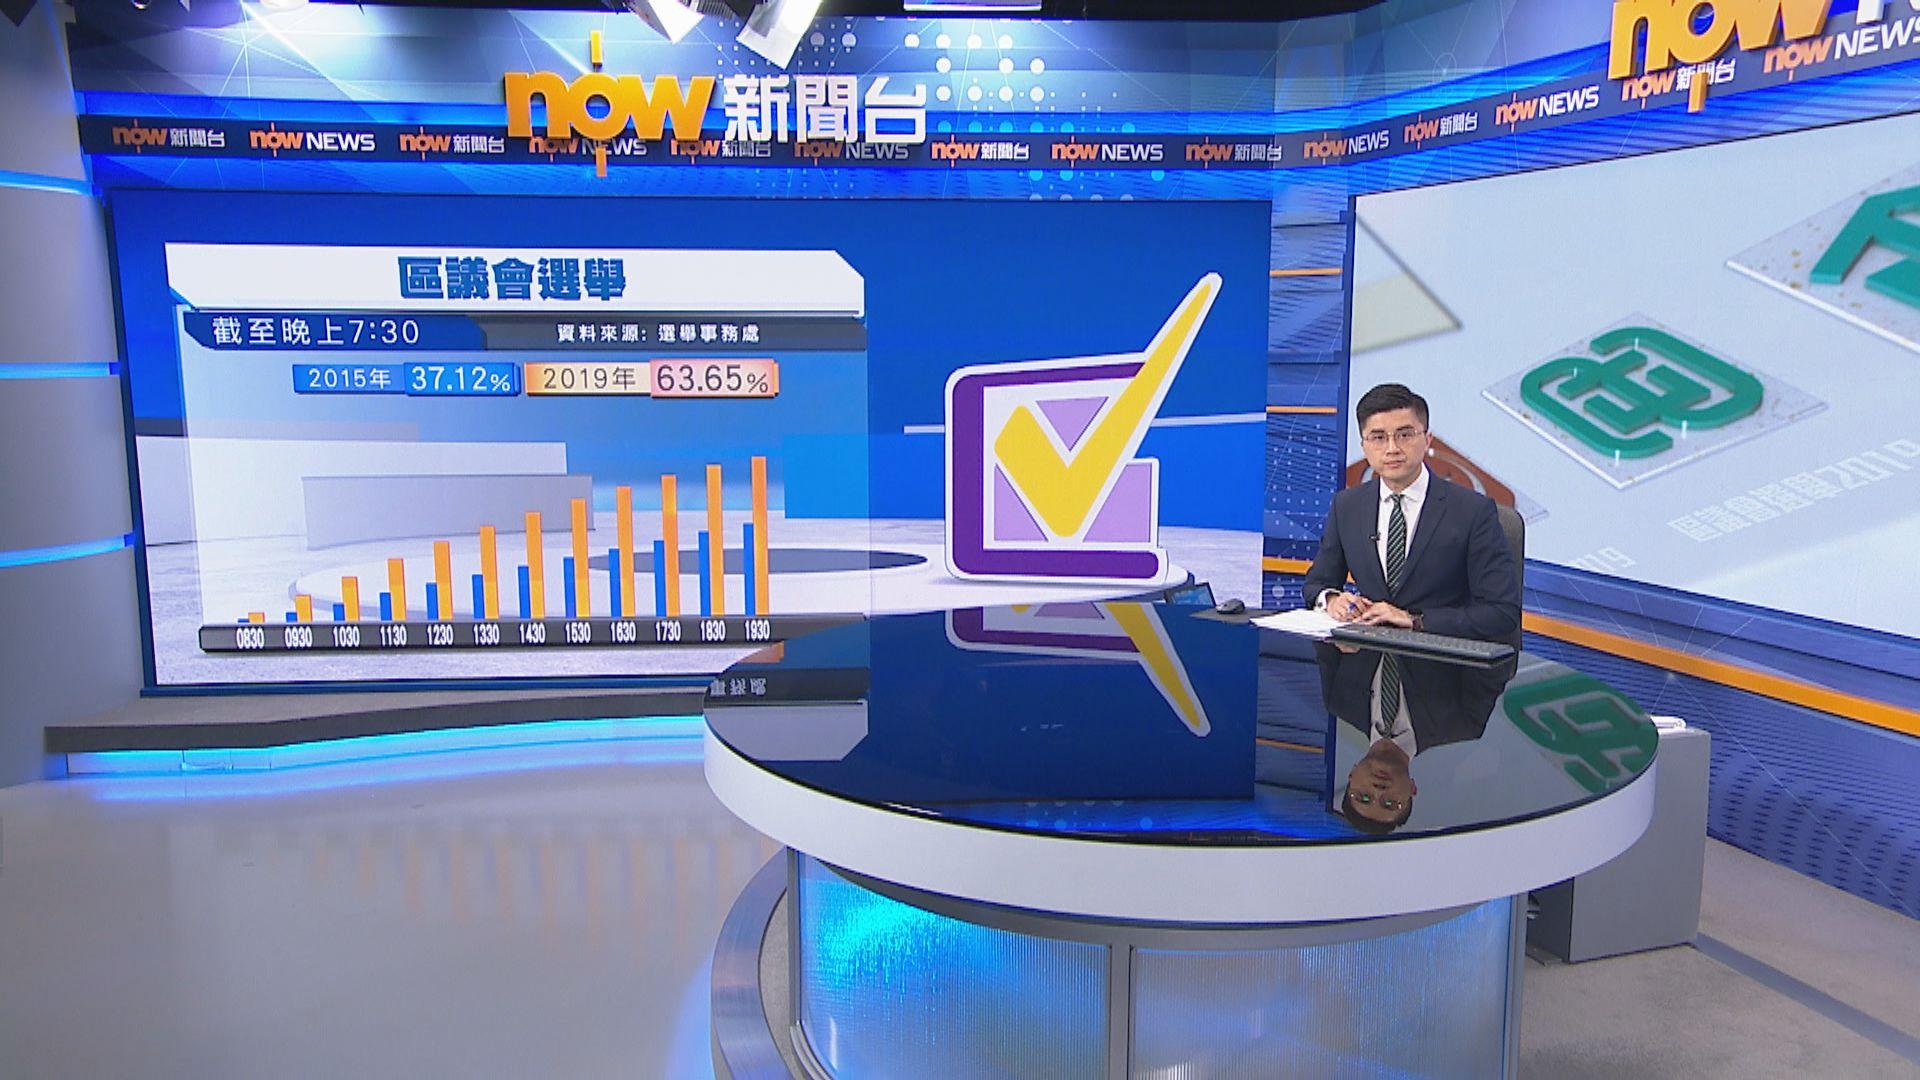 【截至1930】投票率達破紀錄六成三逾260萬人投票